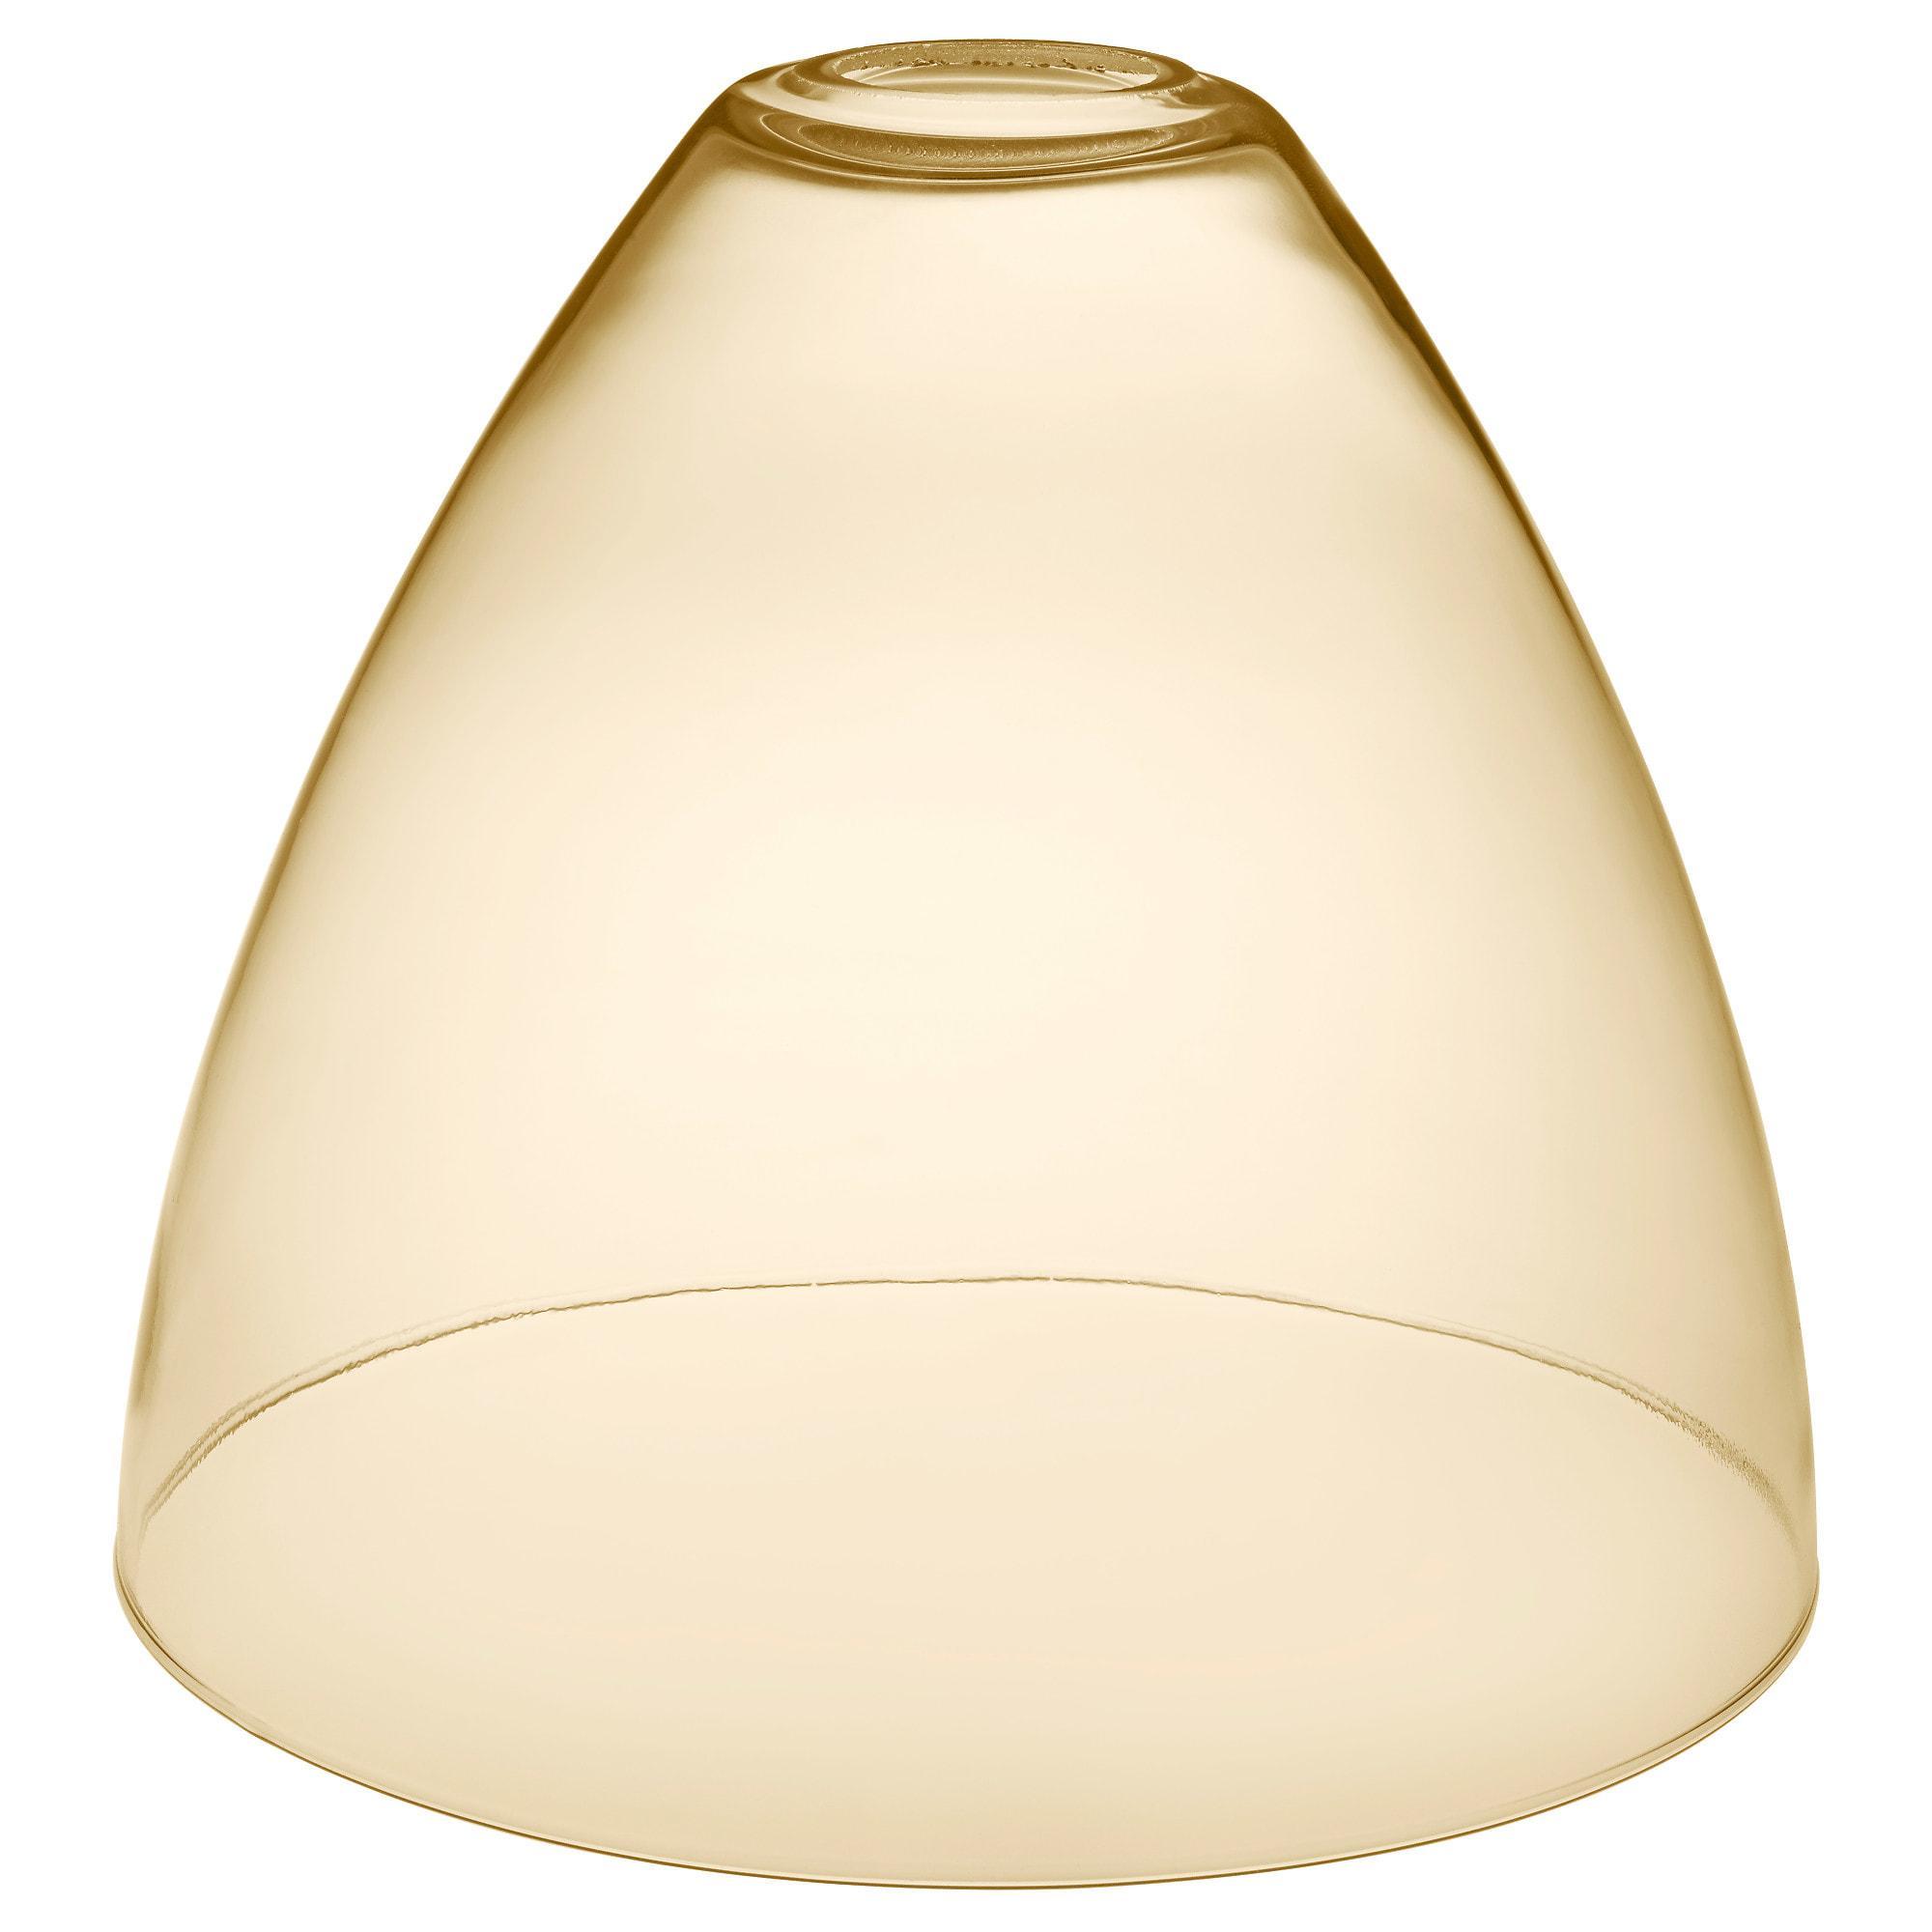 PROMO!! IKEA ANDMAT Kap Lampu Gantung Cokelat Muda  MURAH /  BUBBLE 3 LAPIS / ORIGINAL / IKEA ORIGINAL